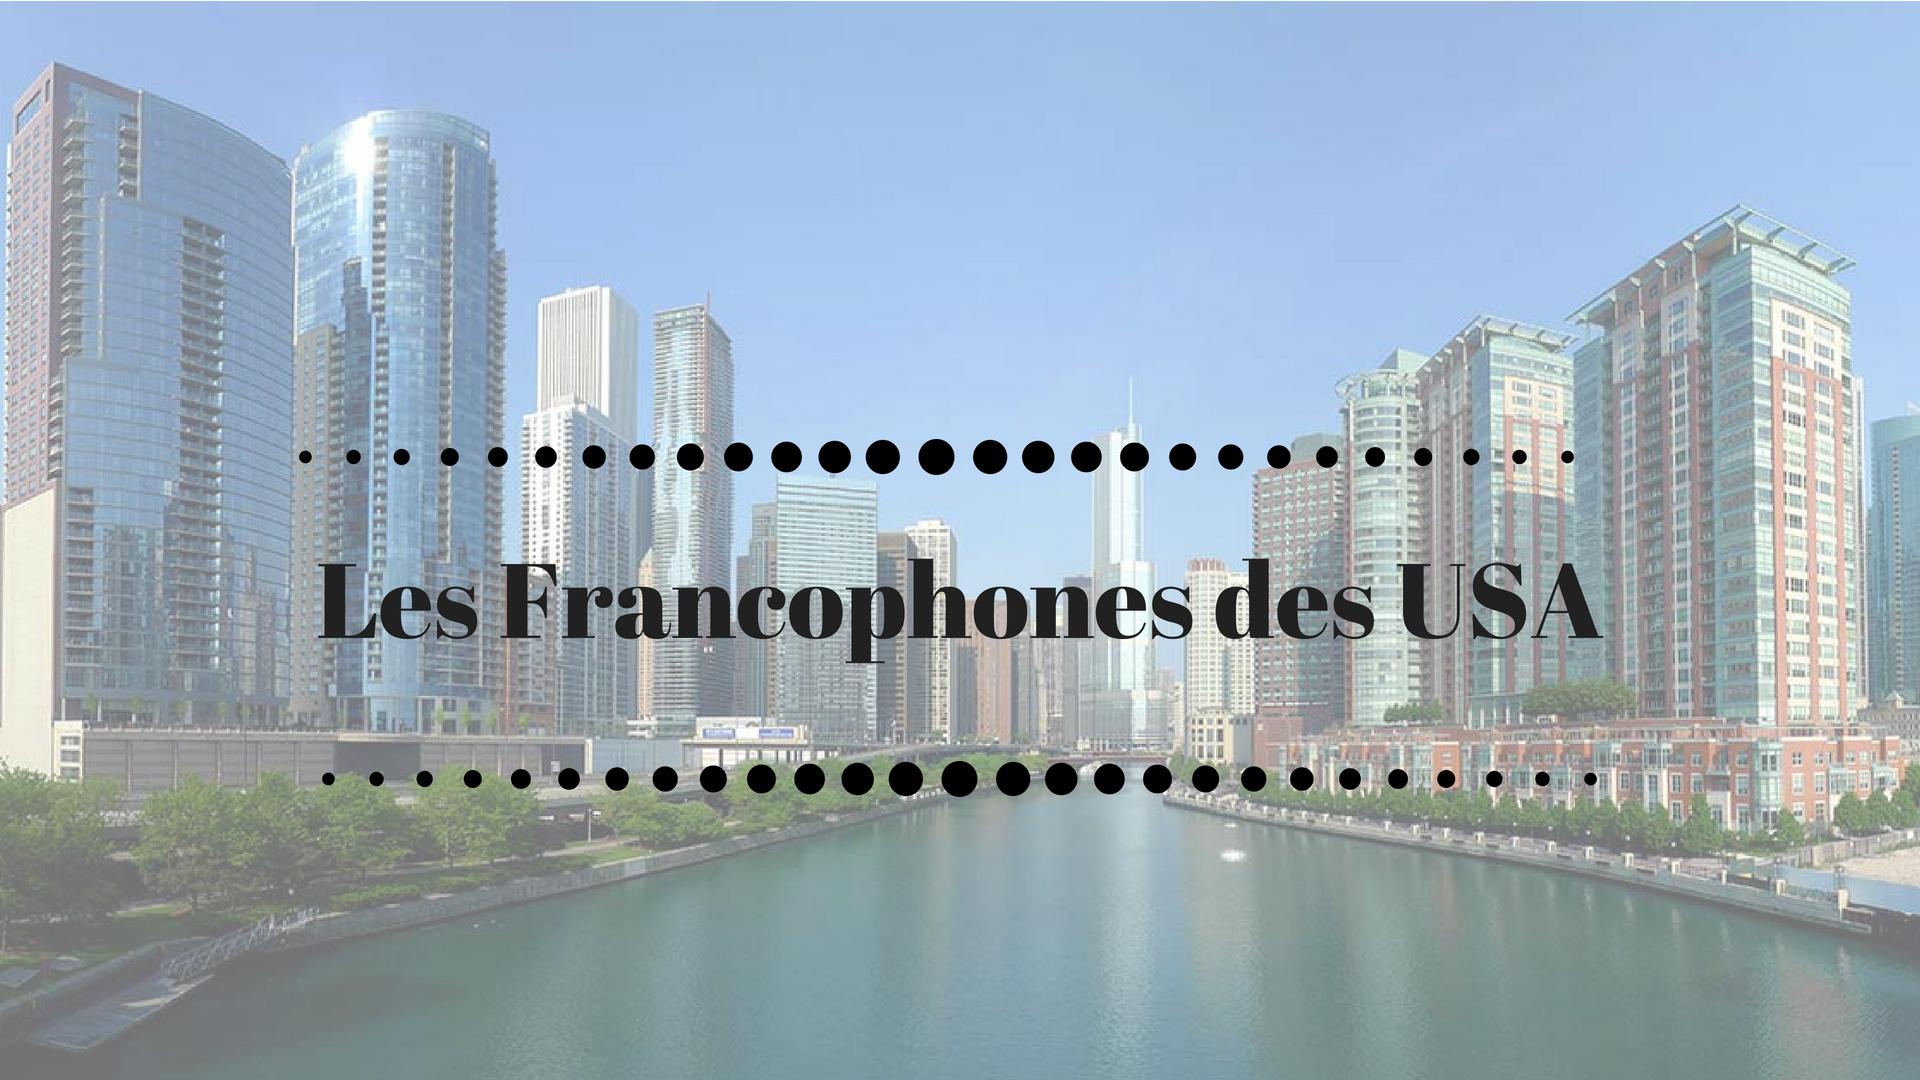 Qui sont les Francophones des USA